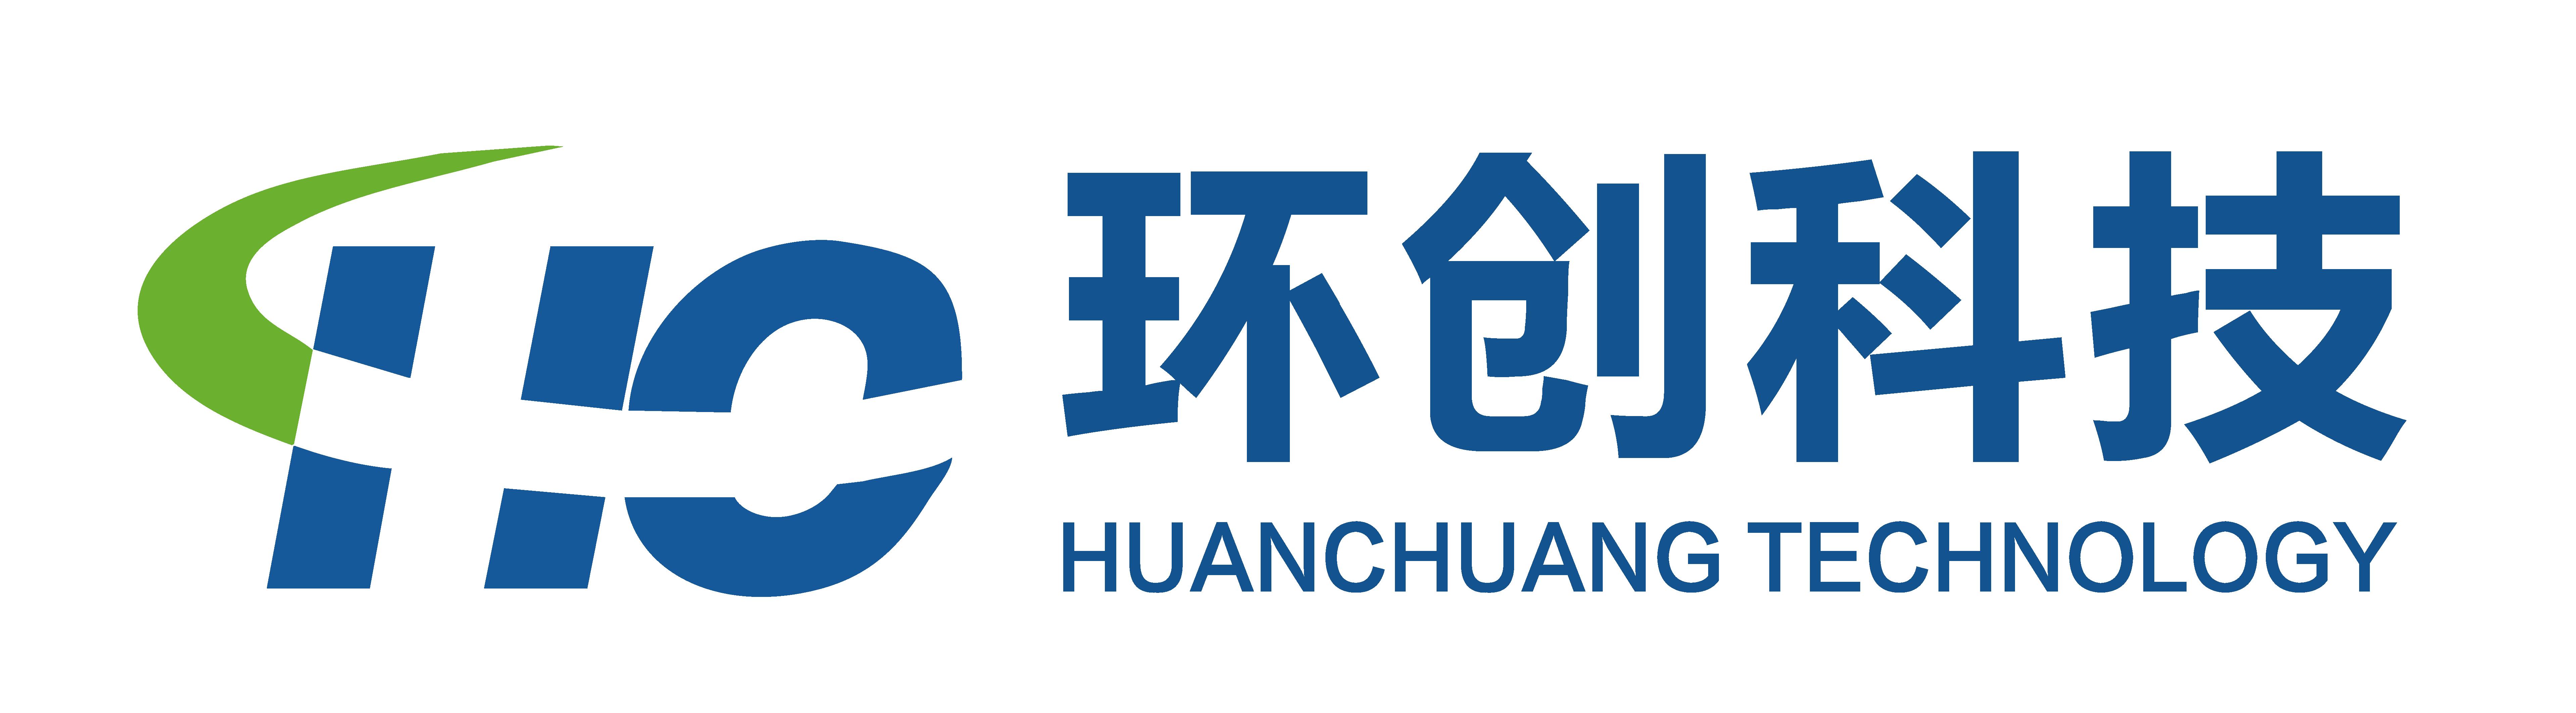 环创(厦门)科技股份有限公司